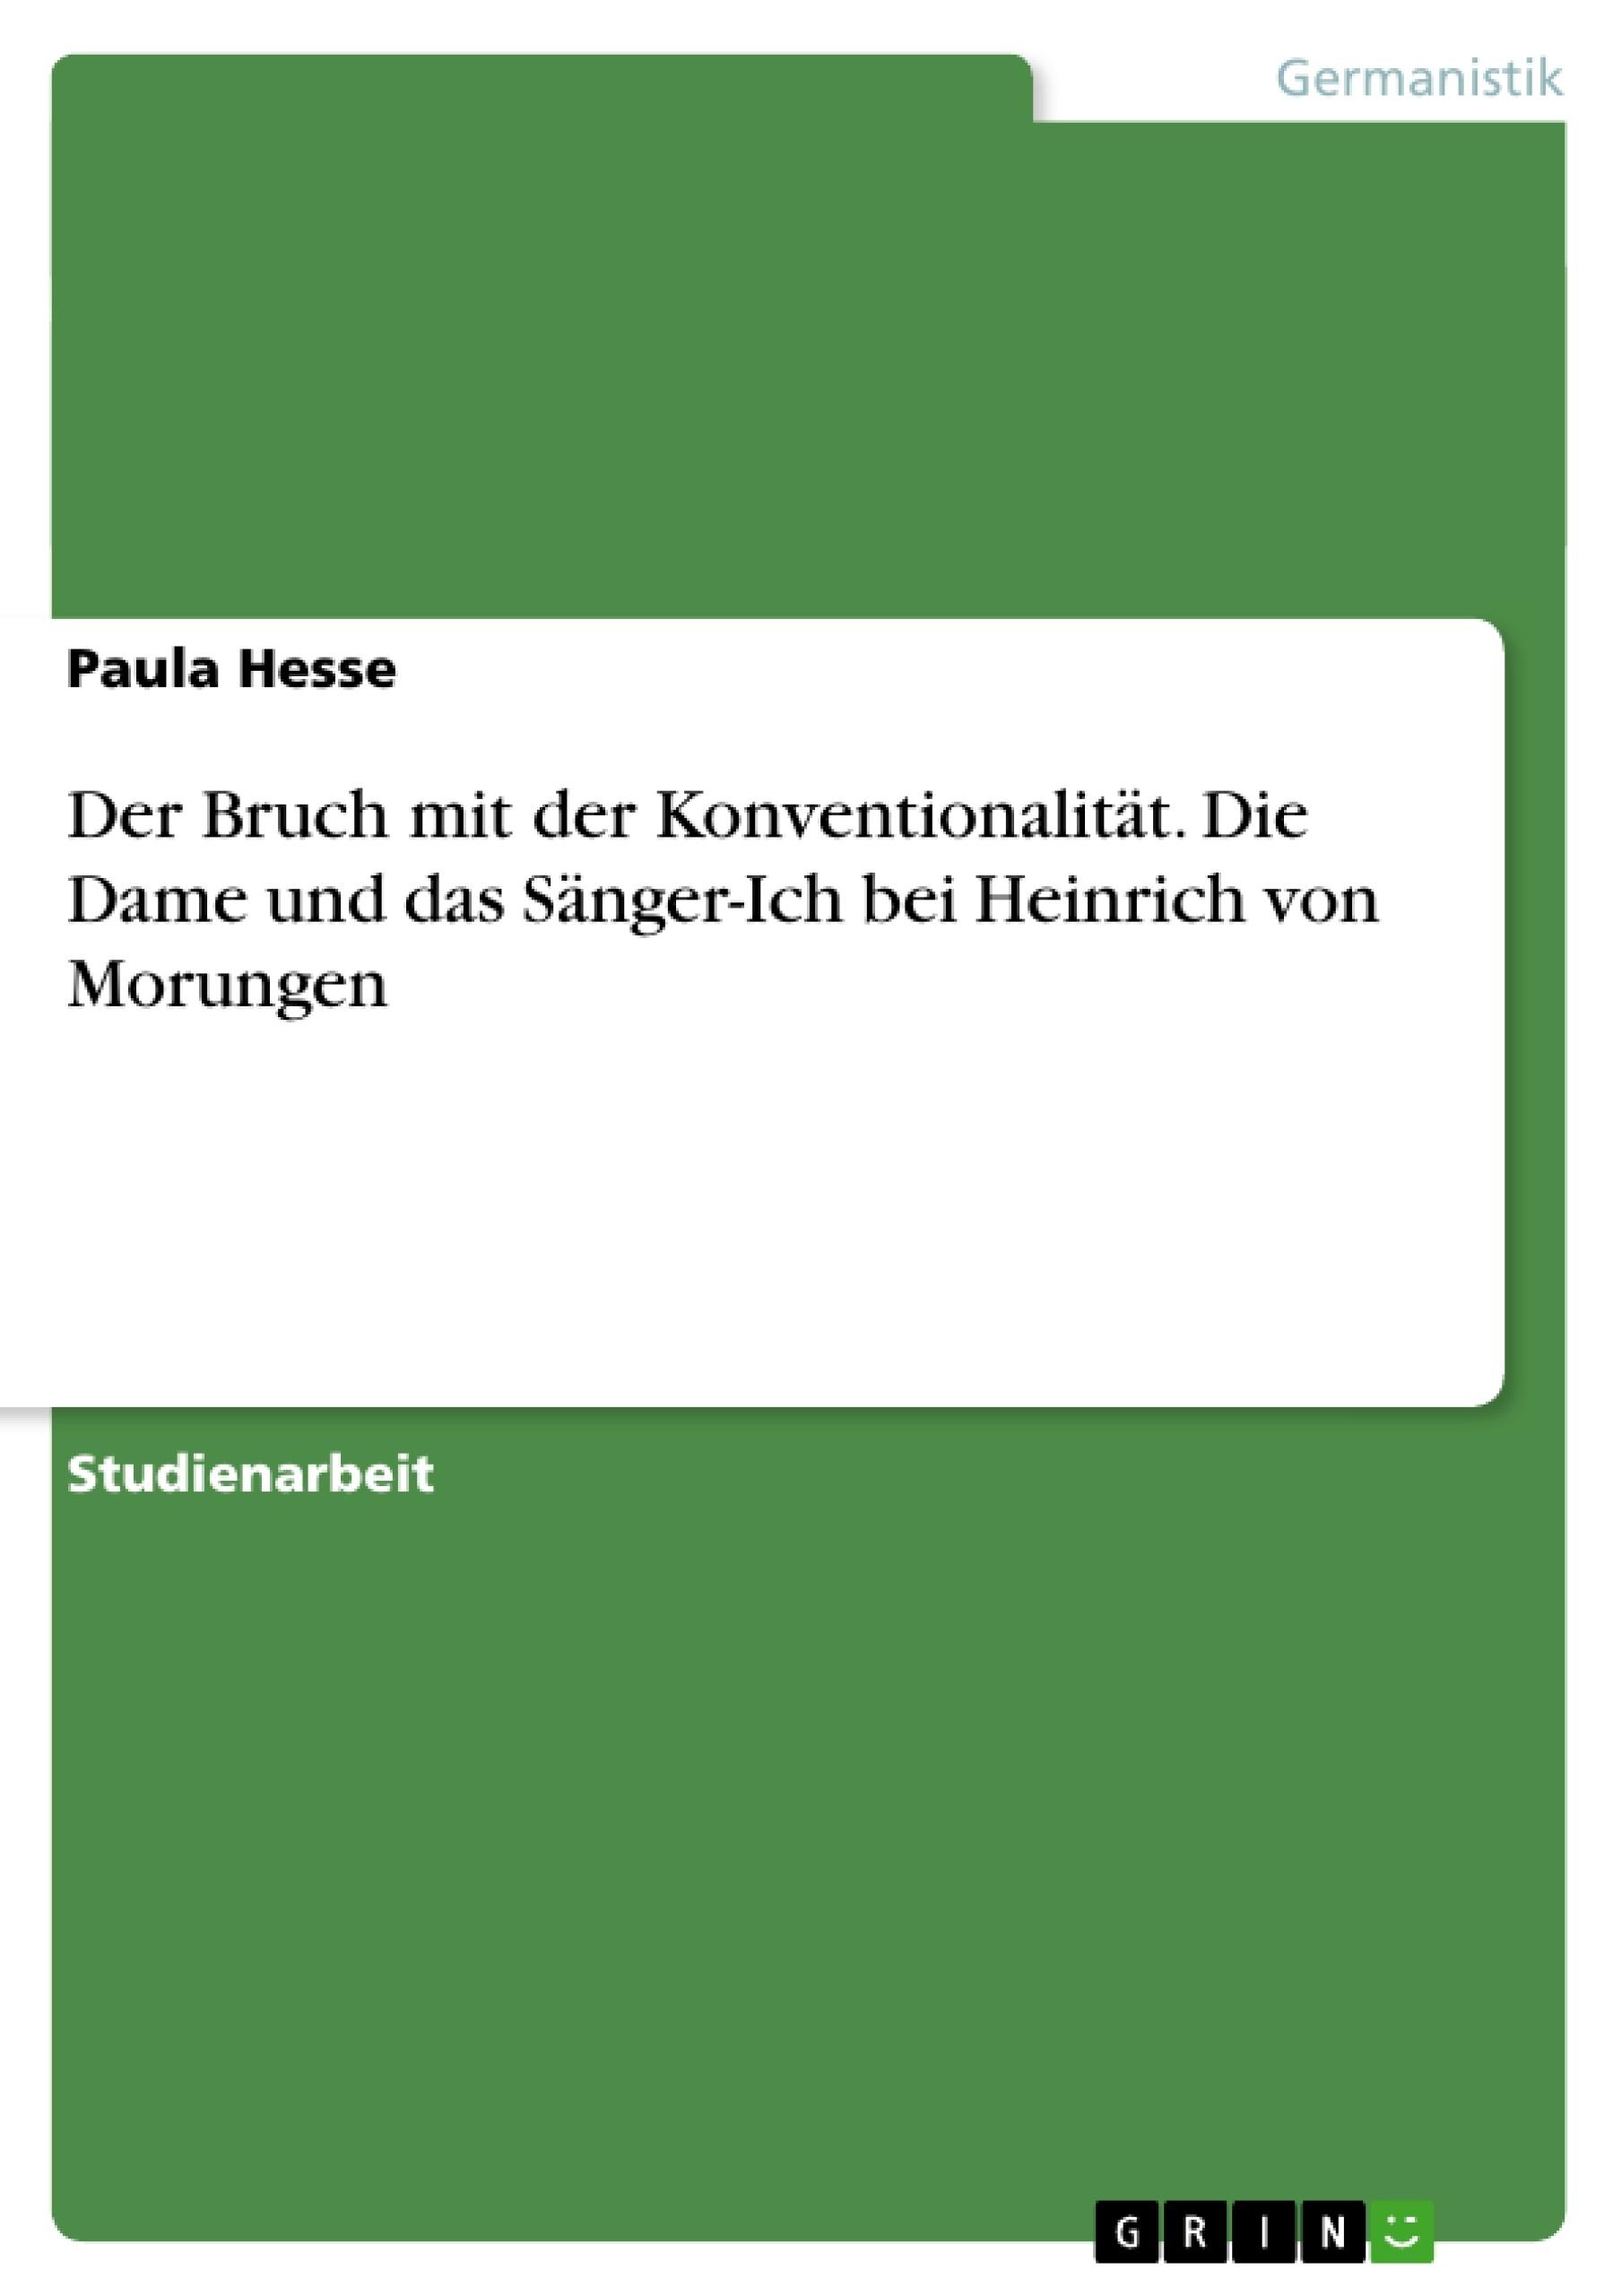 Titel: Der Bruch mit der Konventionalität. Die Dame und das Sänger-Ich bei Heinrich von Morungen